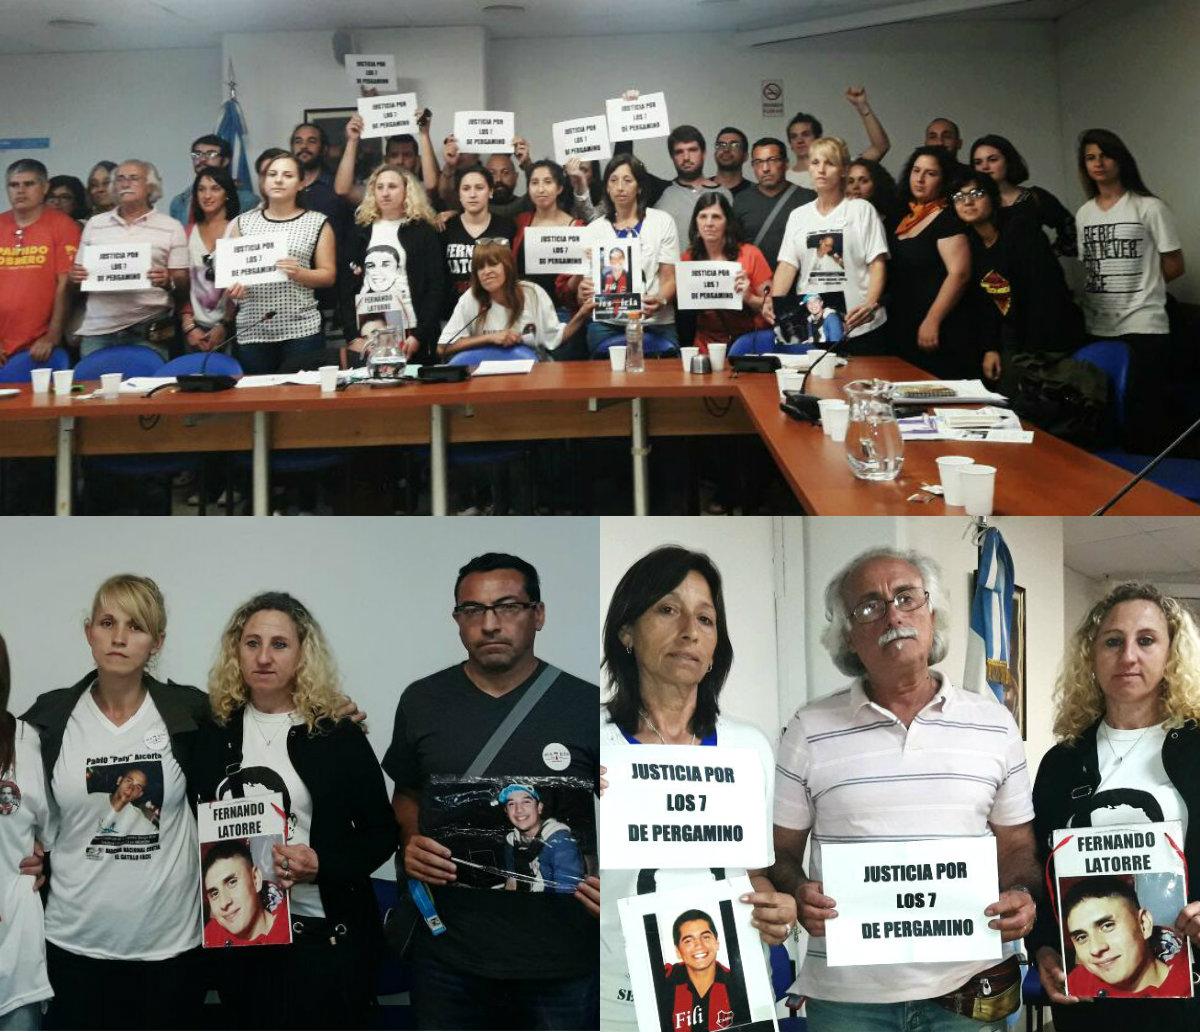 El grito de los 7 asesinados en Pergamino retumbó en el Congreso de la Nación